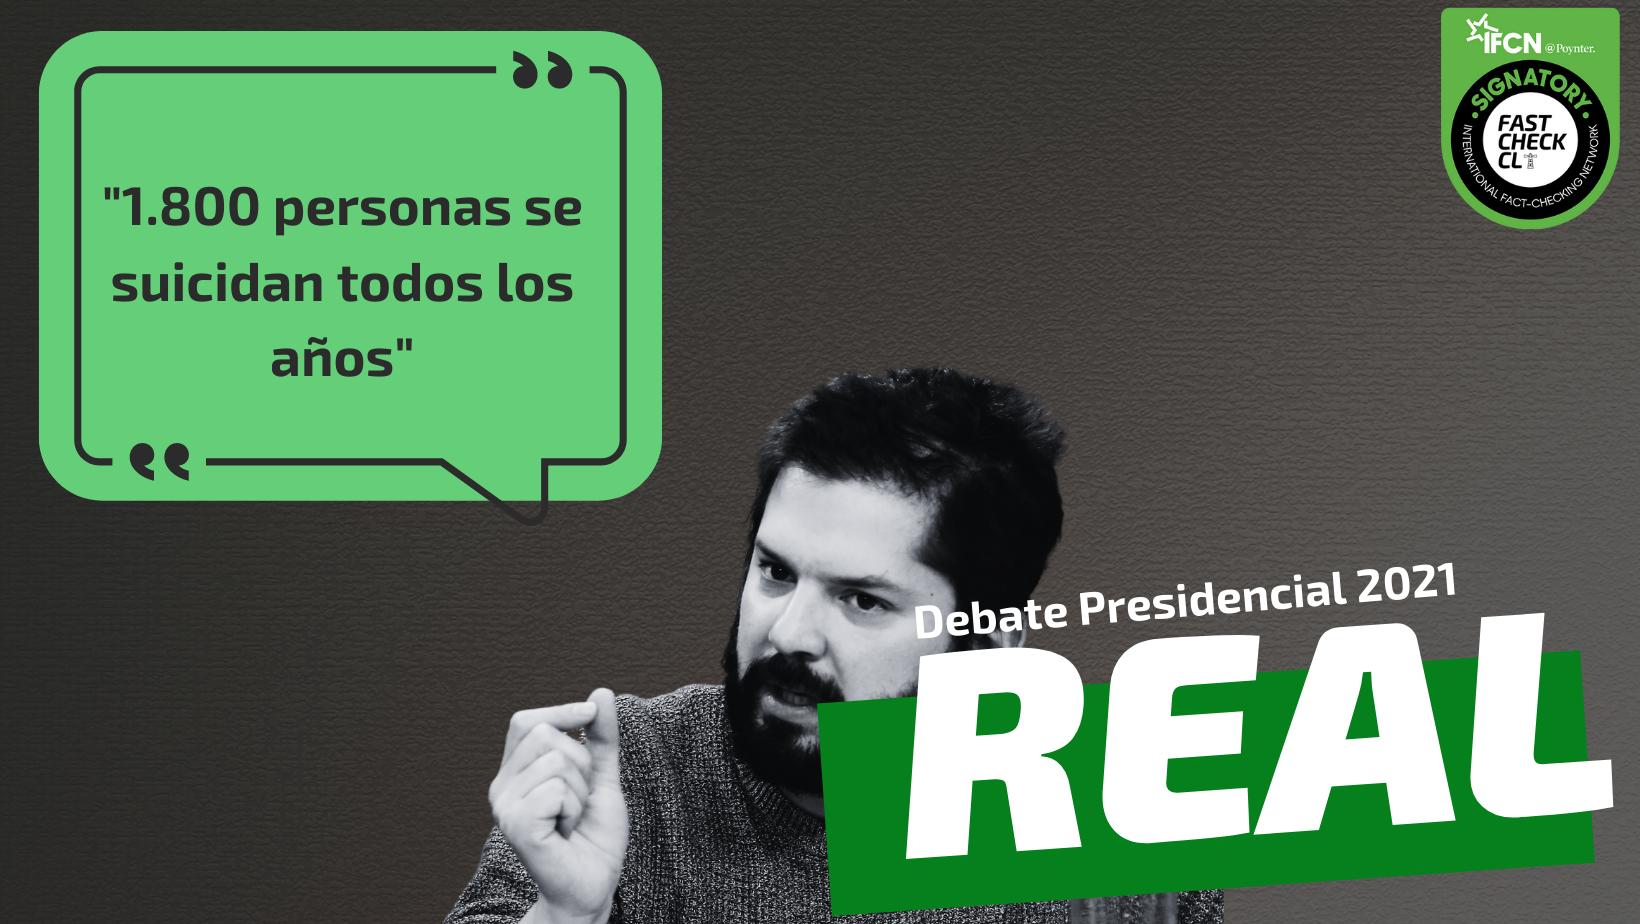 """Read more about the article """"1.800 personas se suicidan todos los años"""": #Real"""